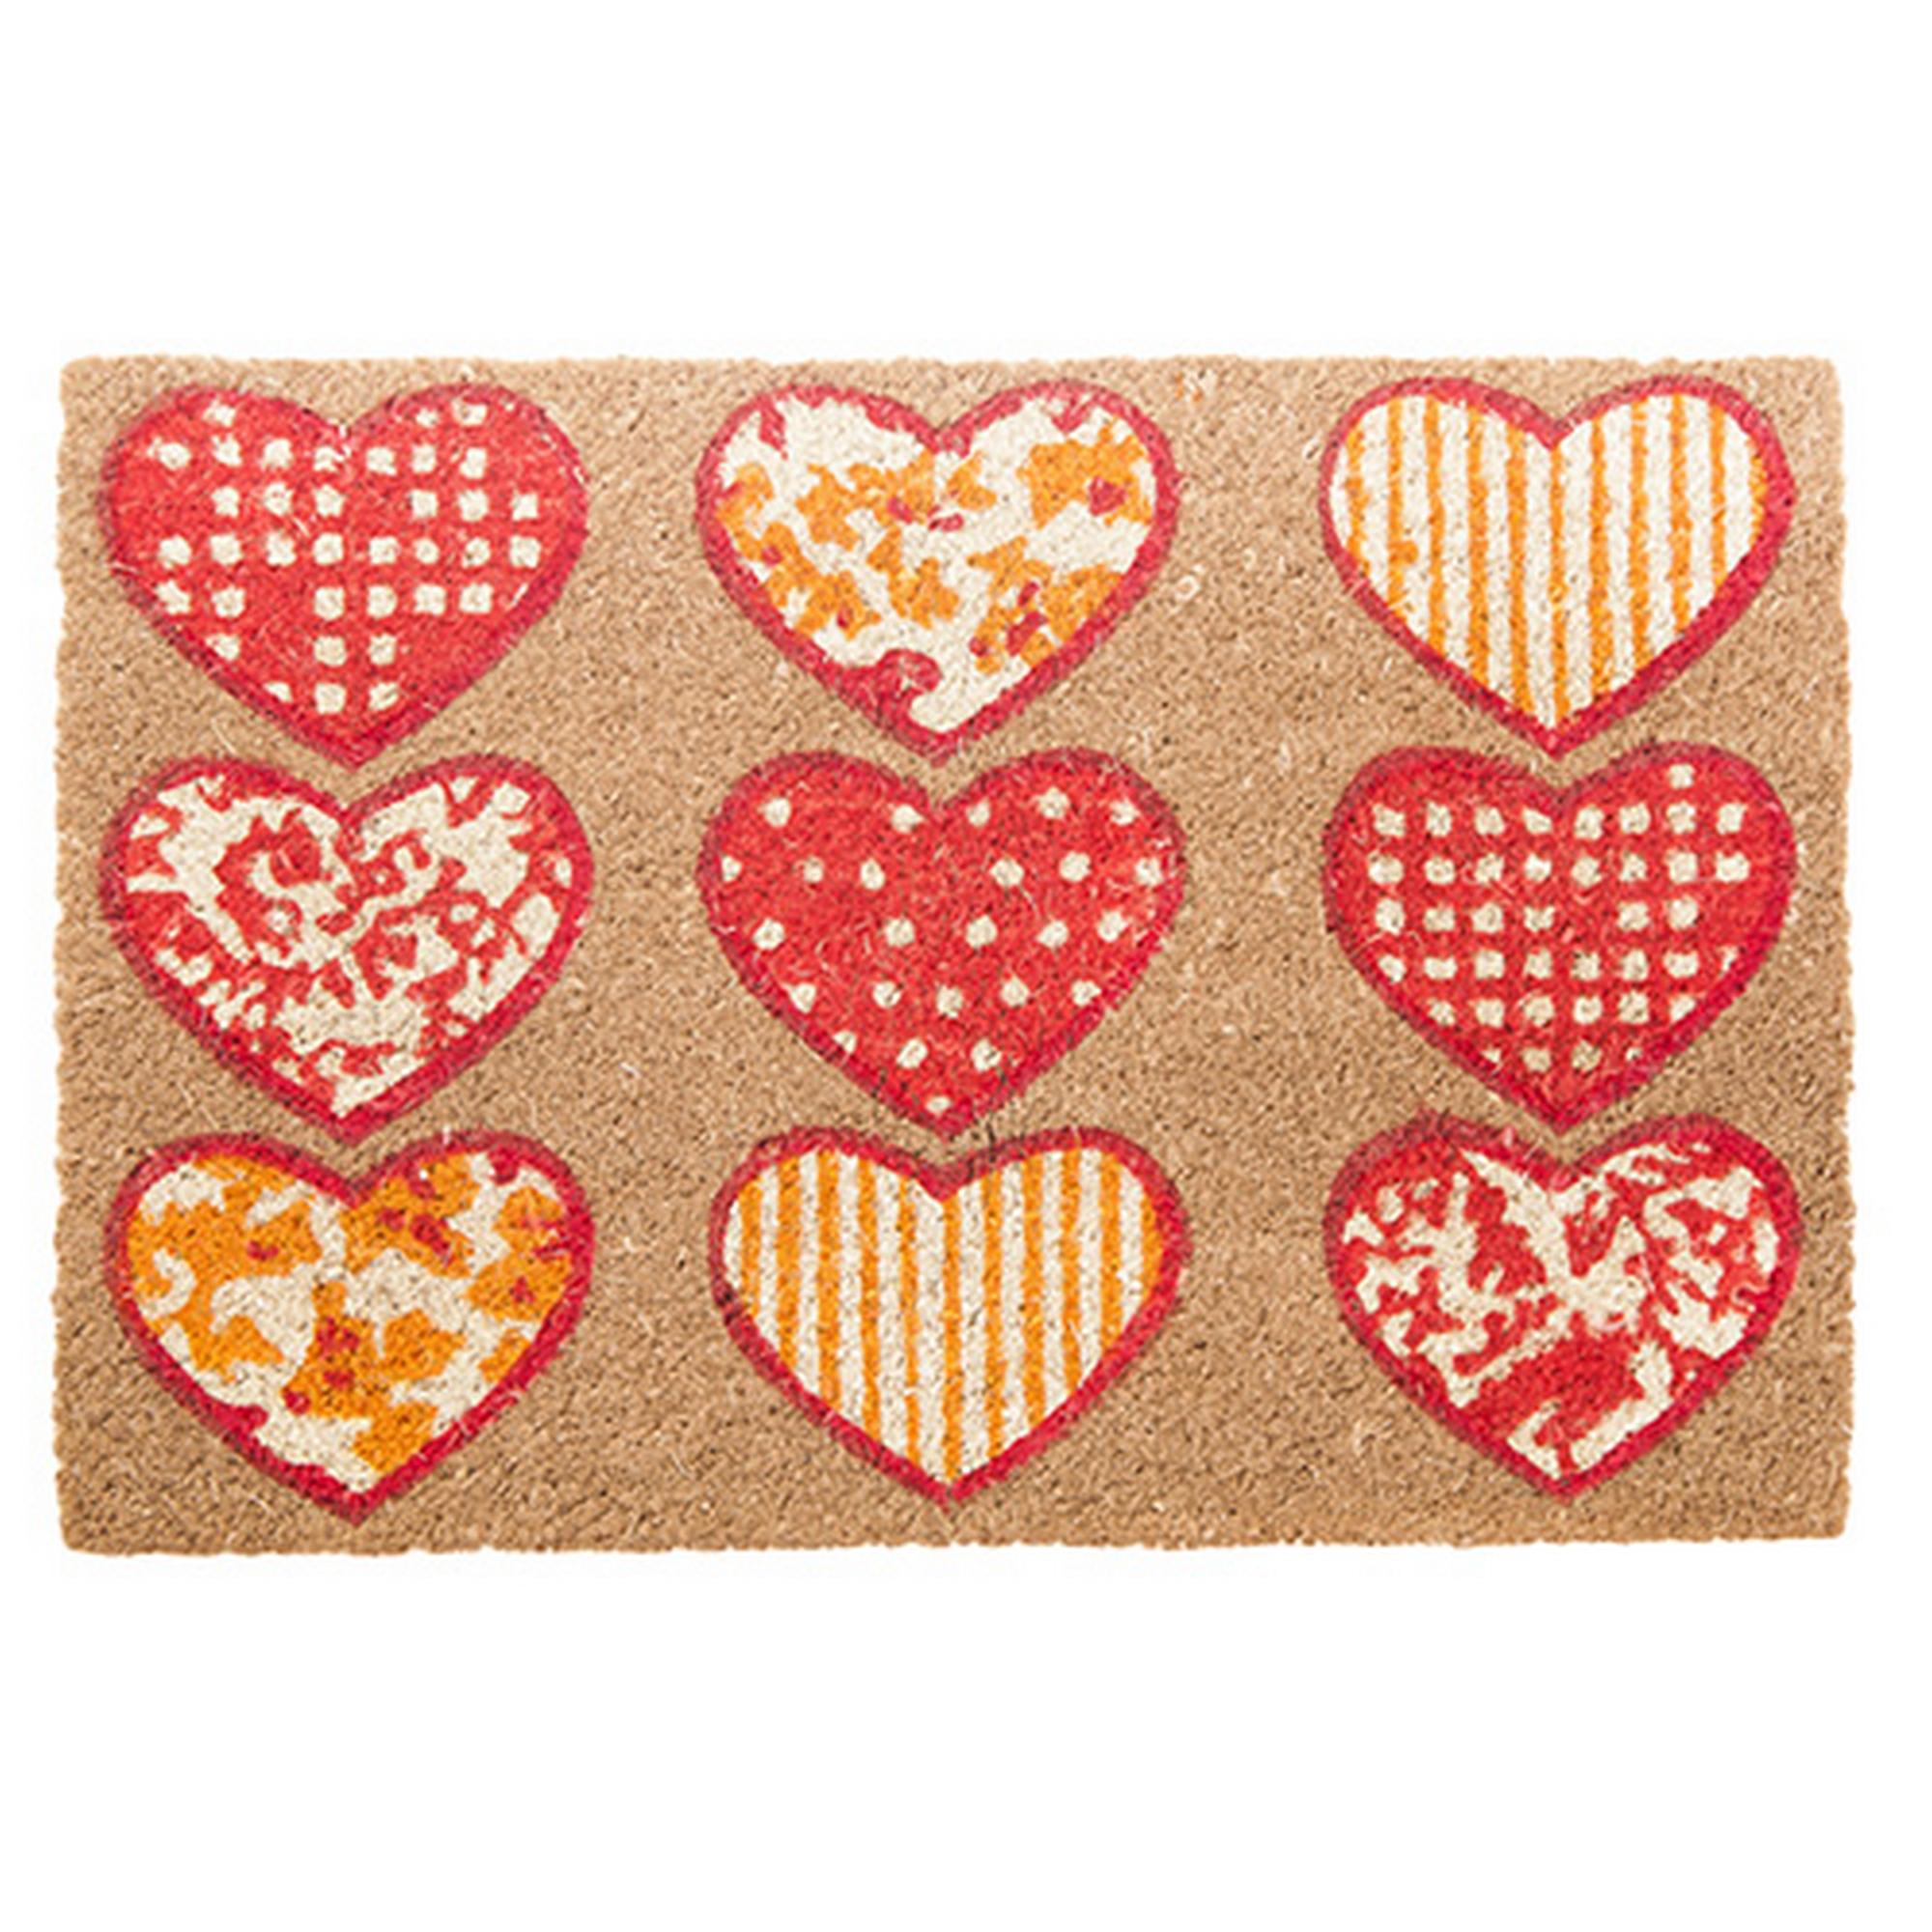 Heart Design Doormat in Red